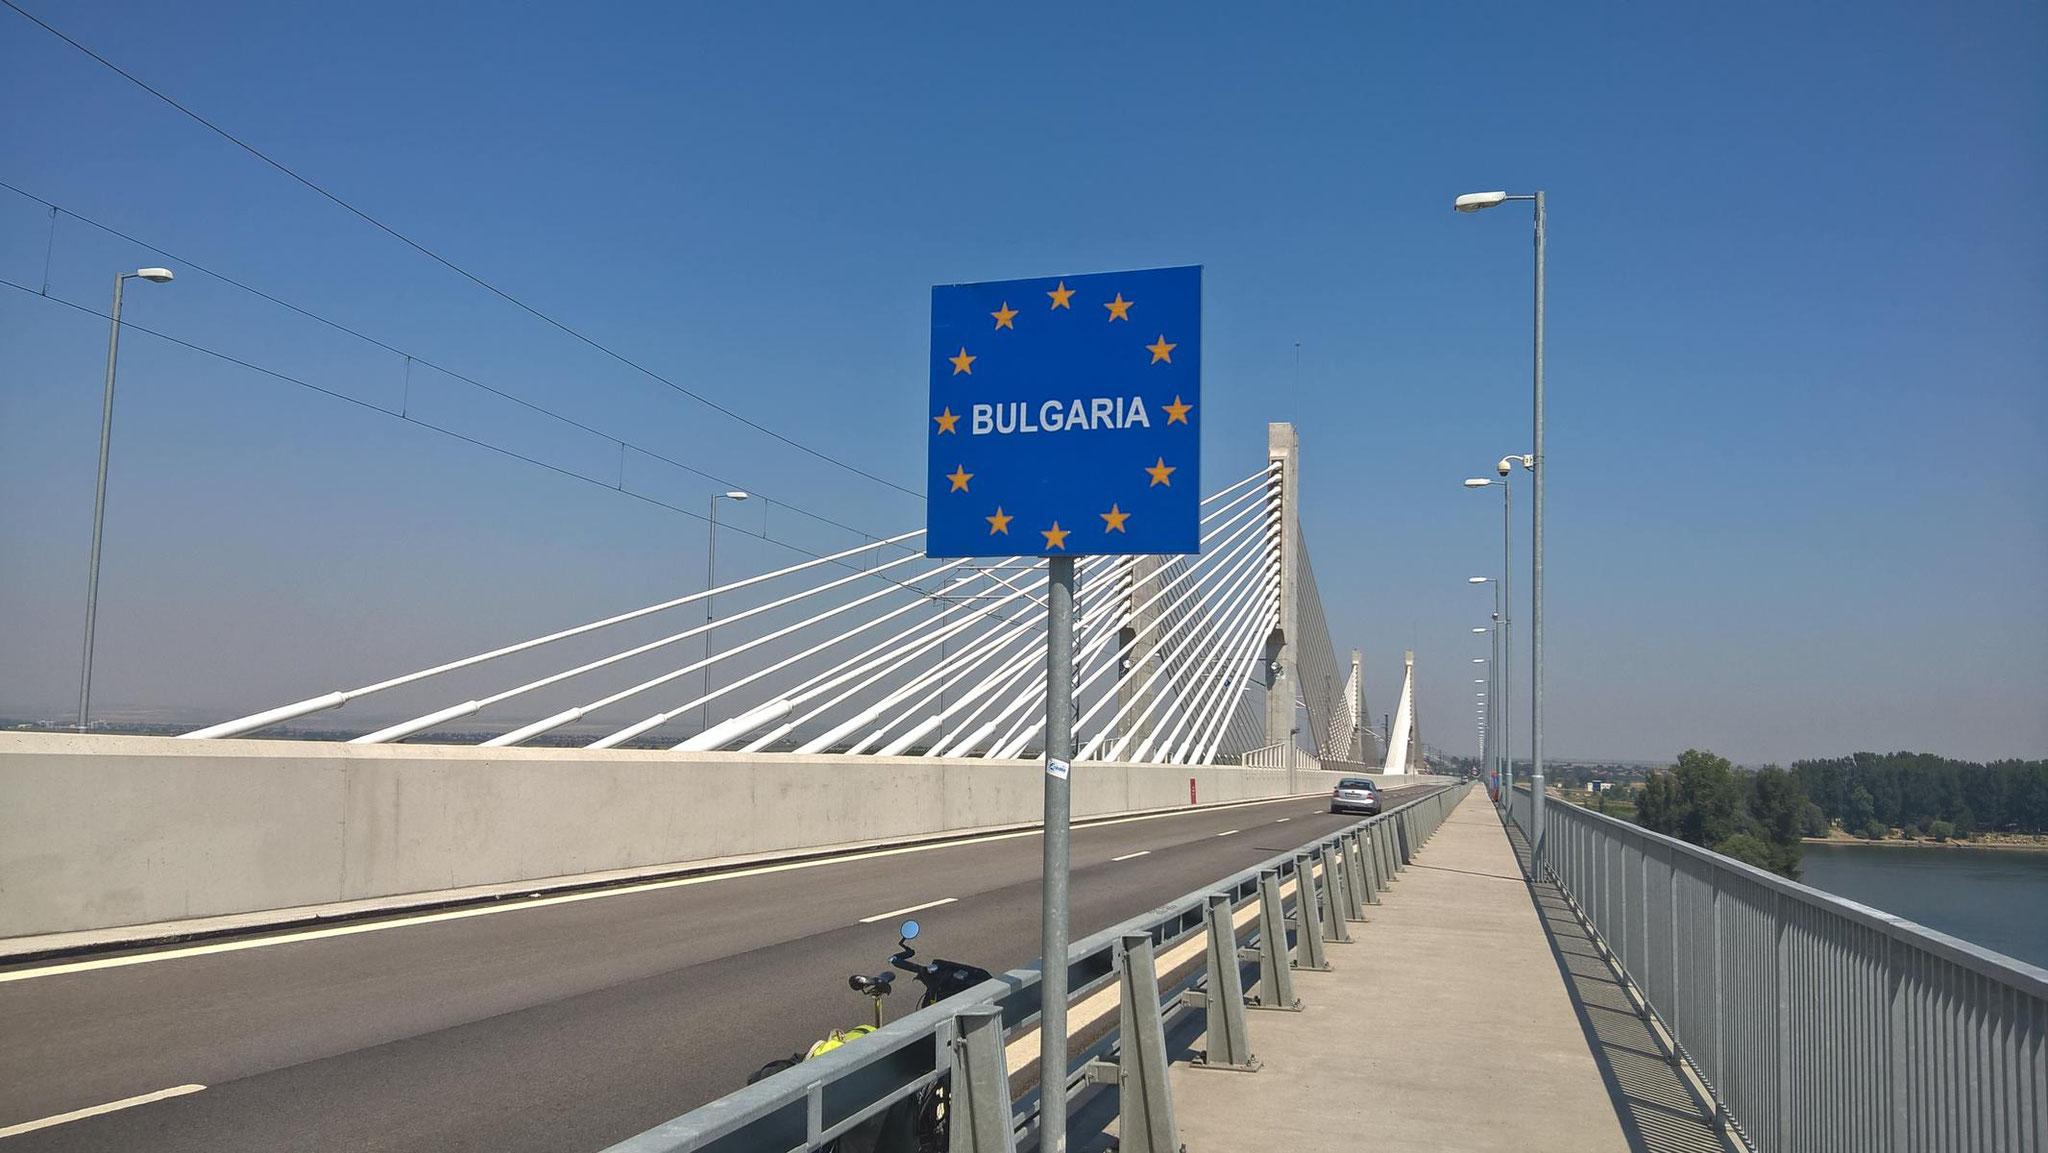 """Über die erst vor zwei Jahren eröffnete Donau-Brücke """"Neues Europa"""" rolle ich nach Bulgarien."""